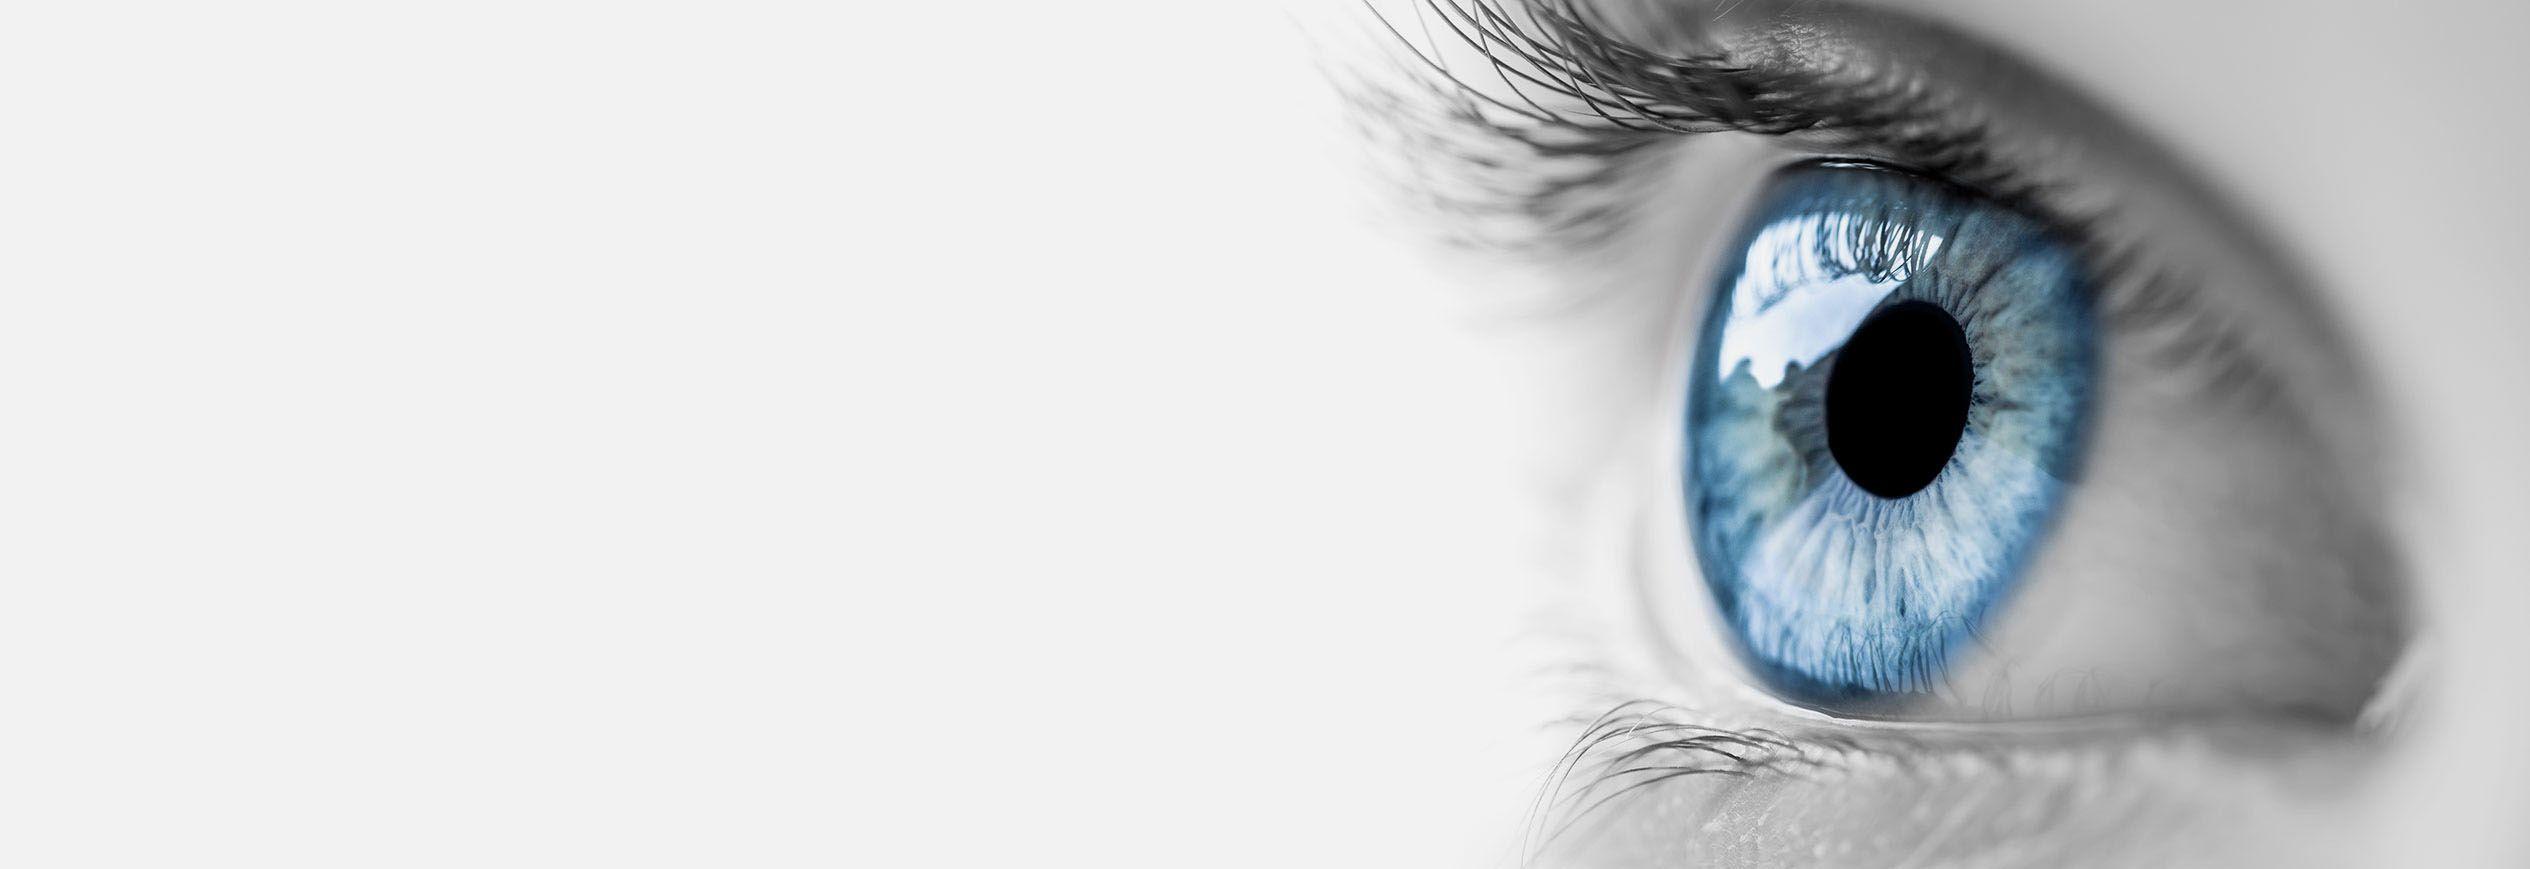 Eye-c.jpg